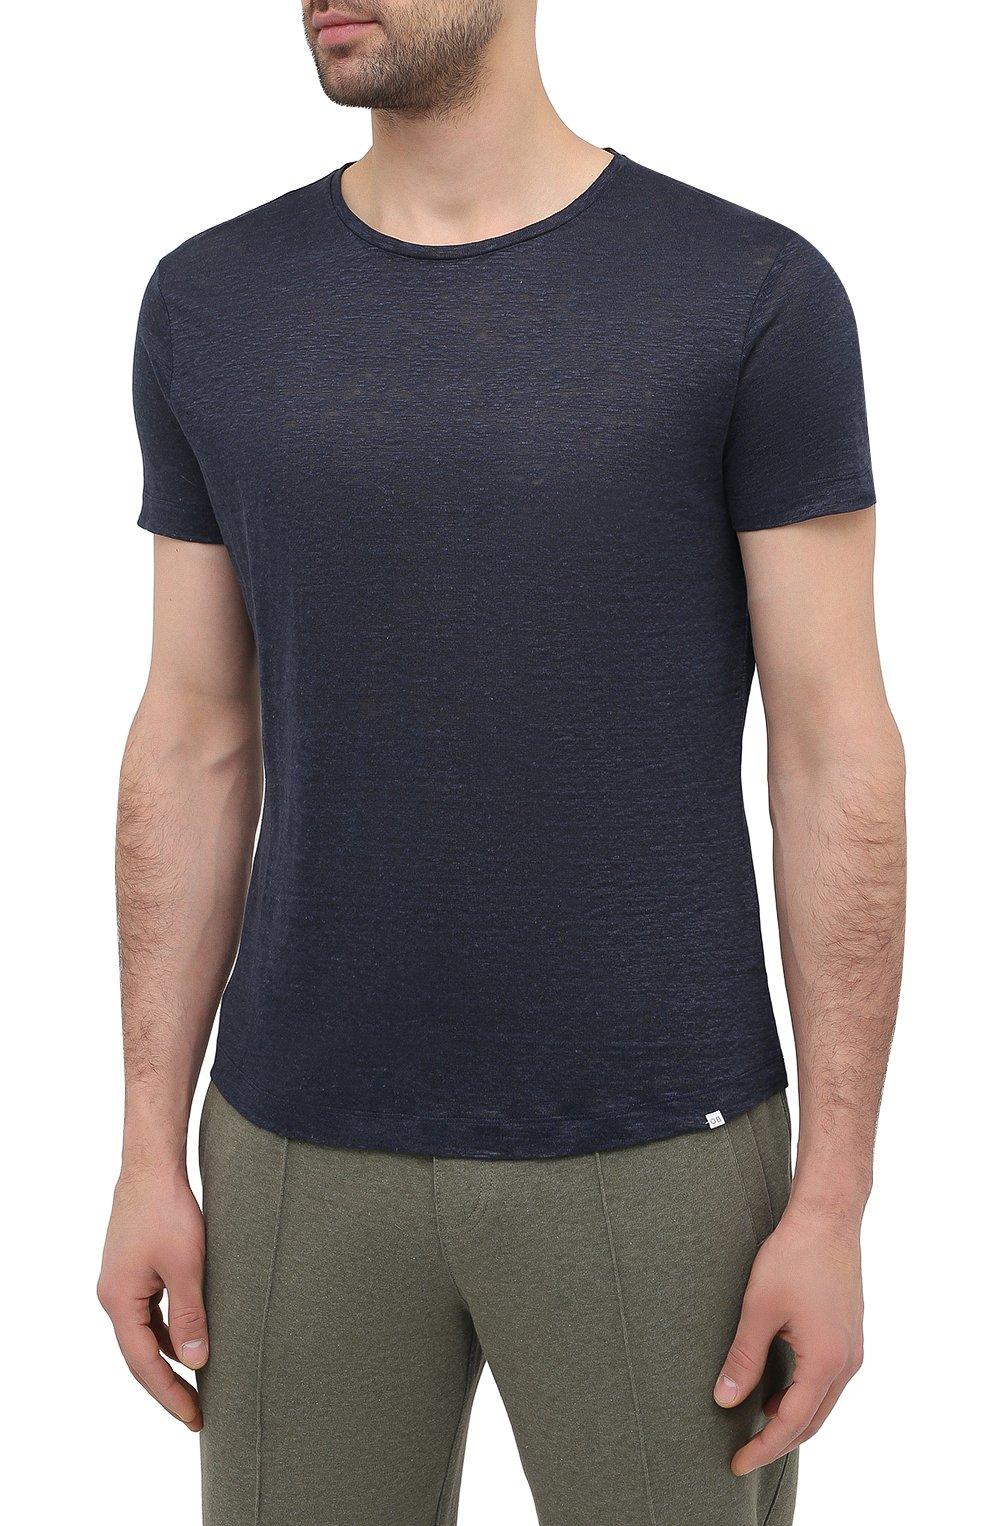 Мужская льняная футболка ORLEBAR BROWN темно-синего цвета, арт. 265745 | Фото 3 (Кросс-КТ: домашняя одежда; Рукава: Короткие; Длина (для топов): Стандартные; Мужское Кросс-КТ: Футболка-белье; Материал внешний: Лен)